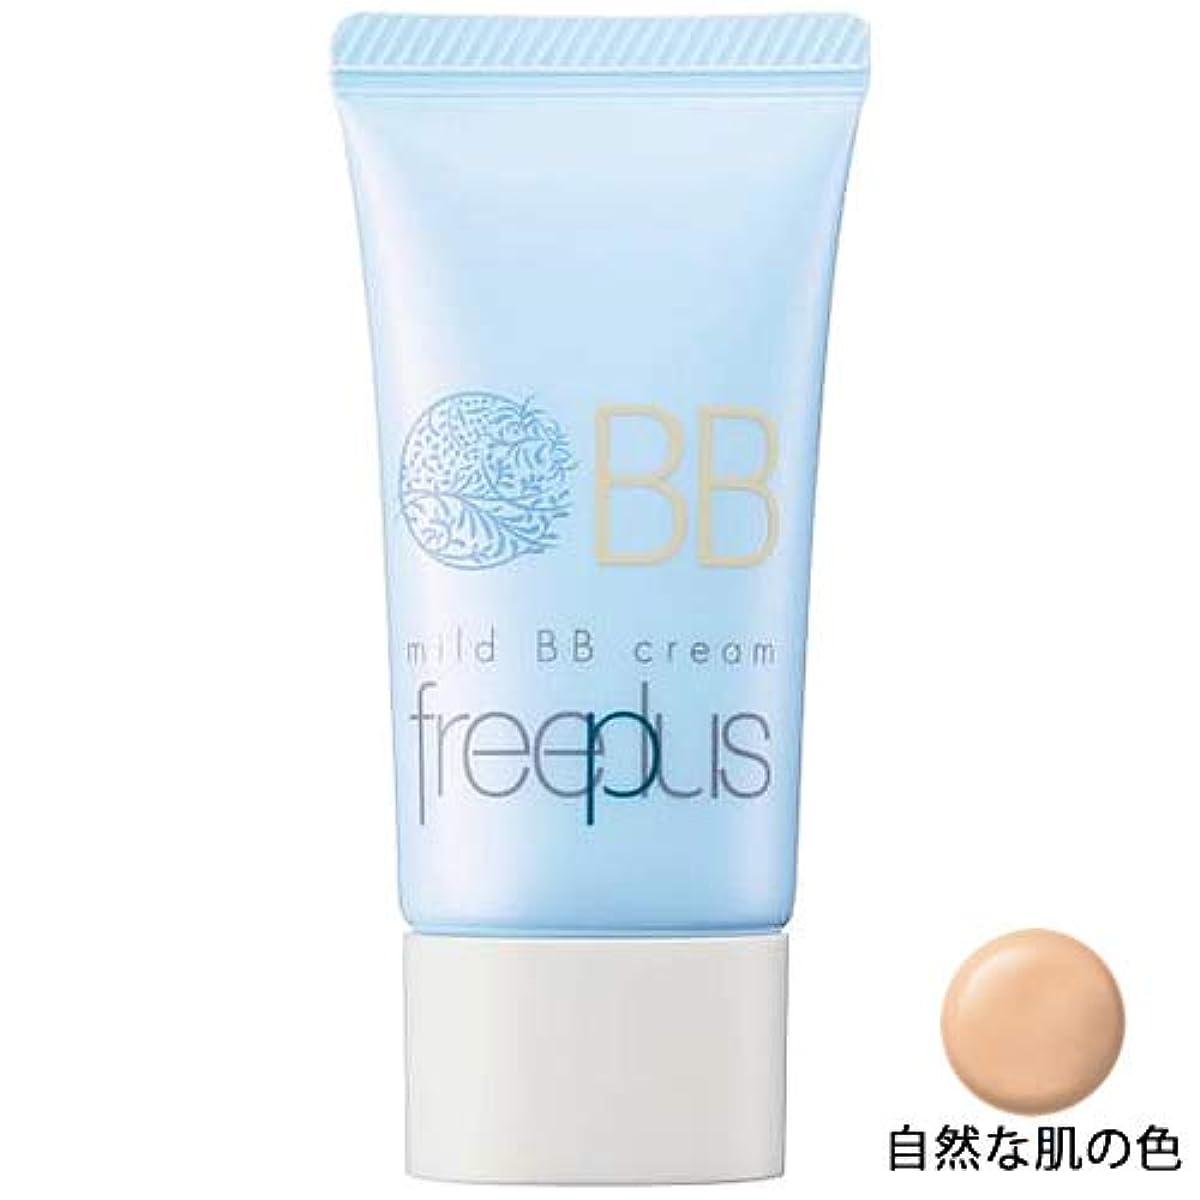 血色の良いチームアリフリープラス FREEPLUS フリープラス マイルドBBクリーム 30g [並行輸入品]